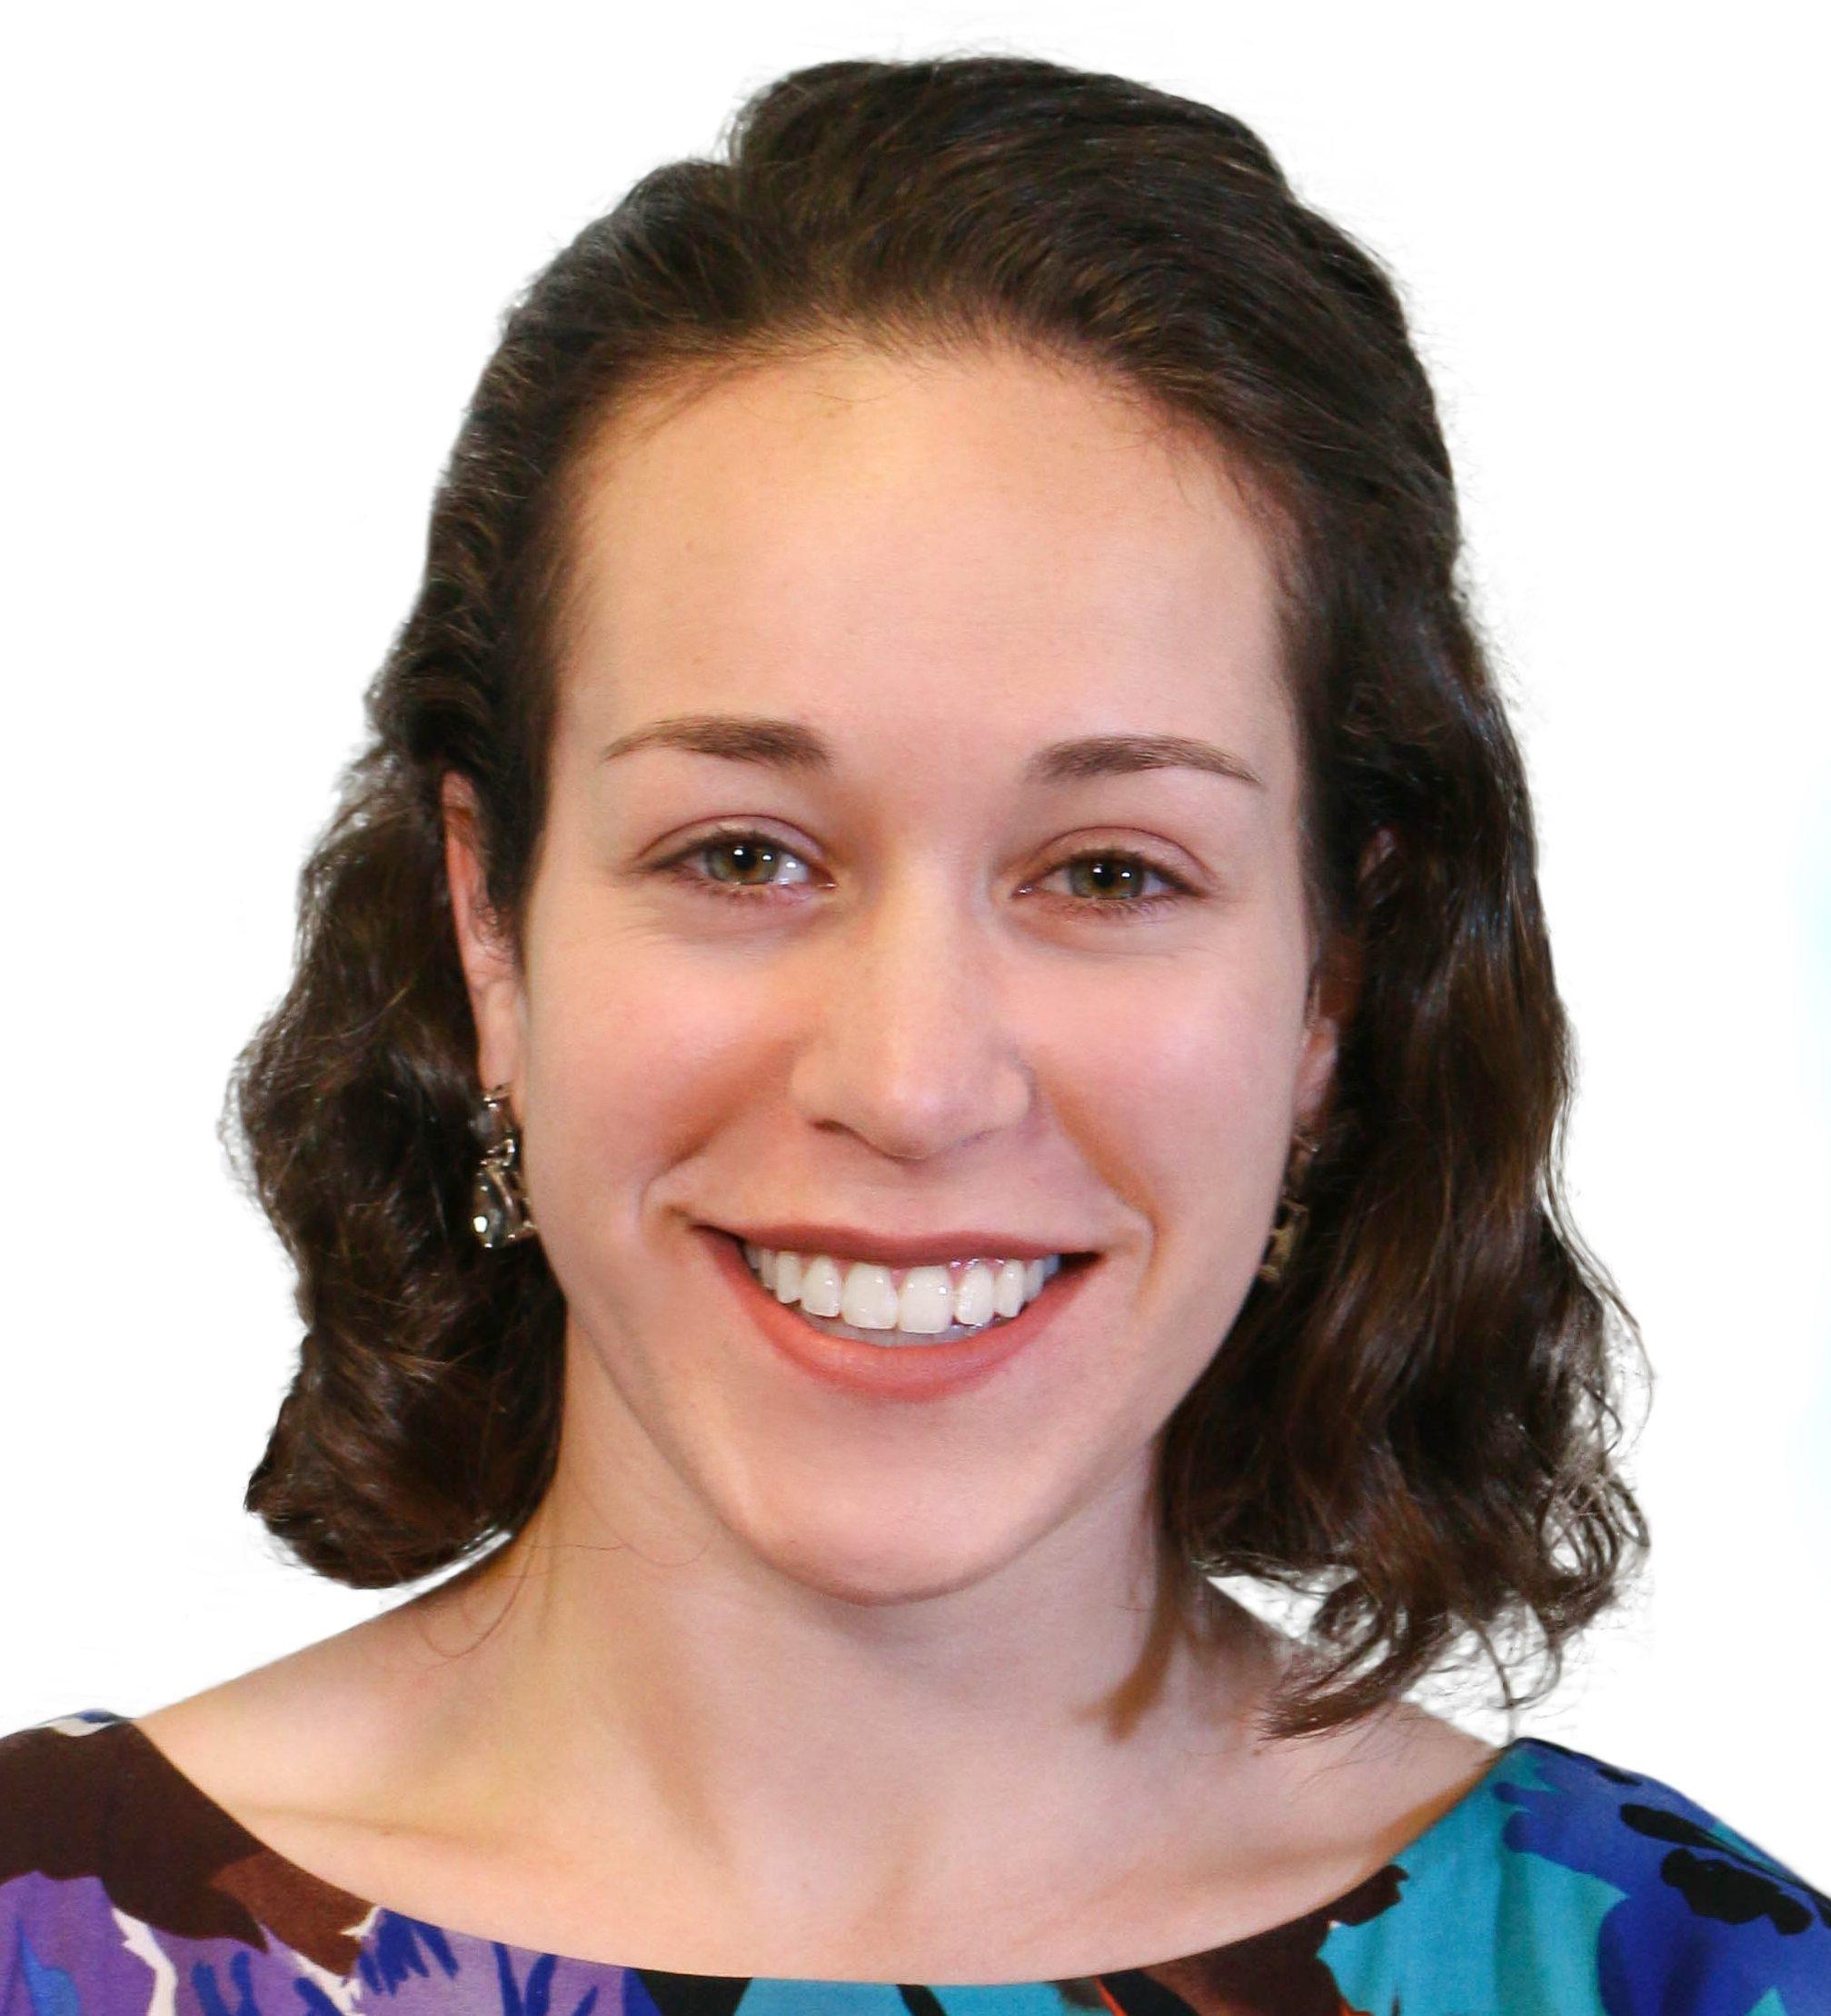 NicoleQuinty